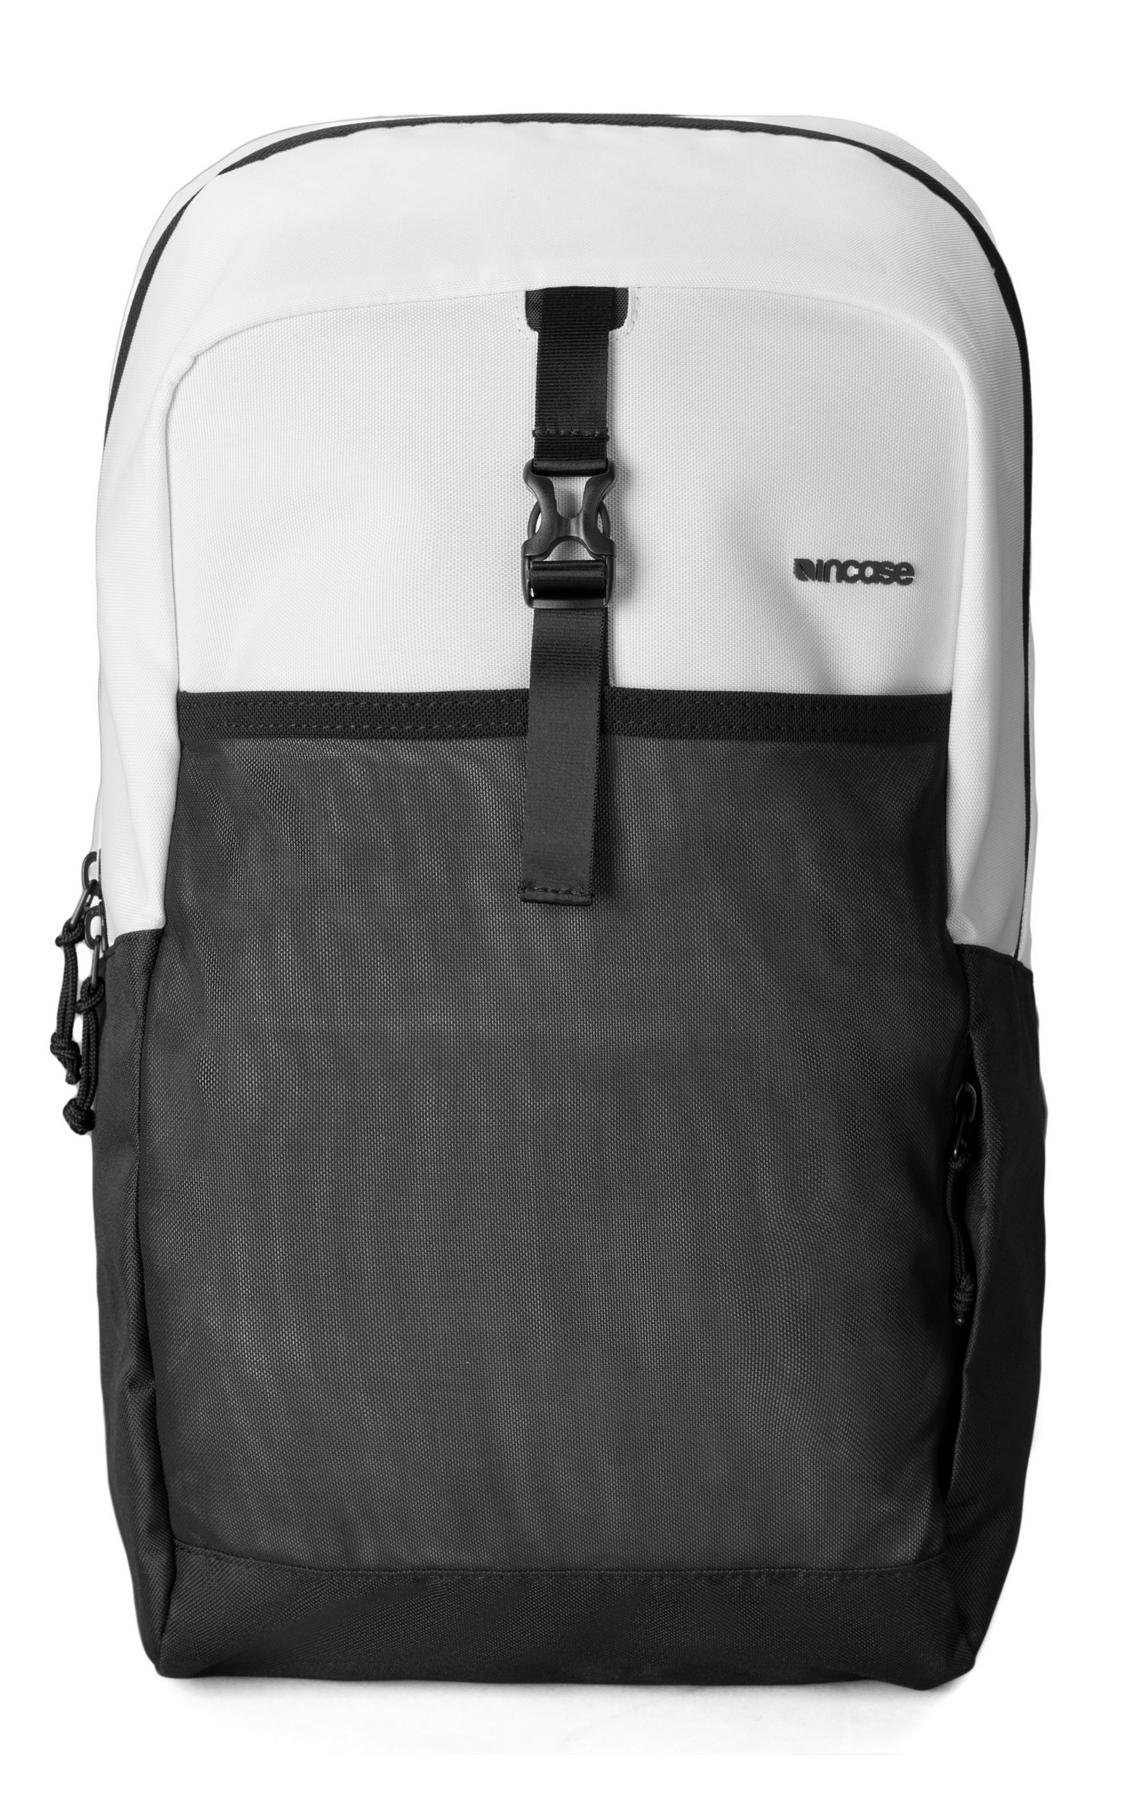 Cargo BackpackРюкзаки для ноутбуков и планшетов<br>Рюкзак<br>